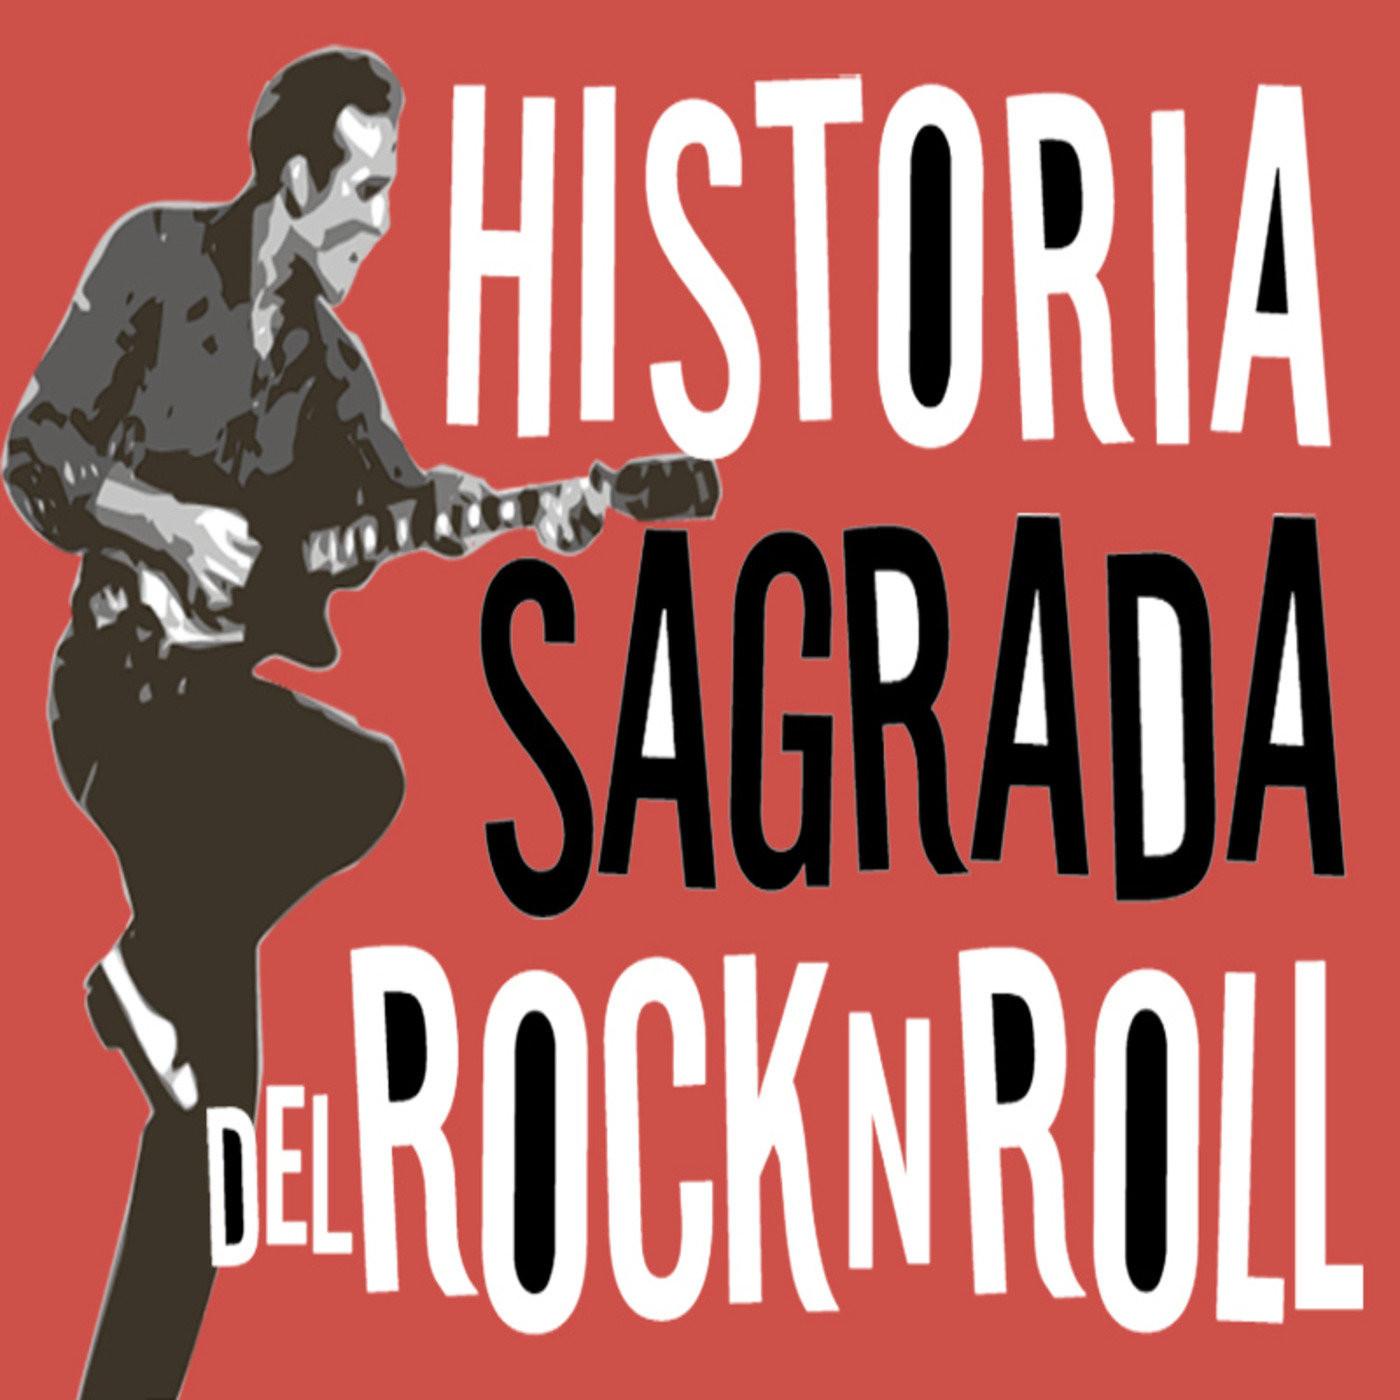 Historia Sagrada del Rock'n Roll - cap 28 – may-jun 1963